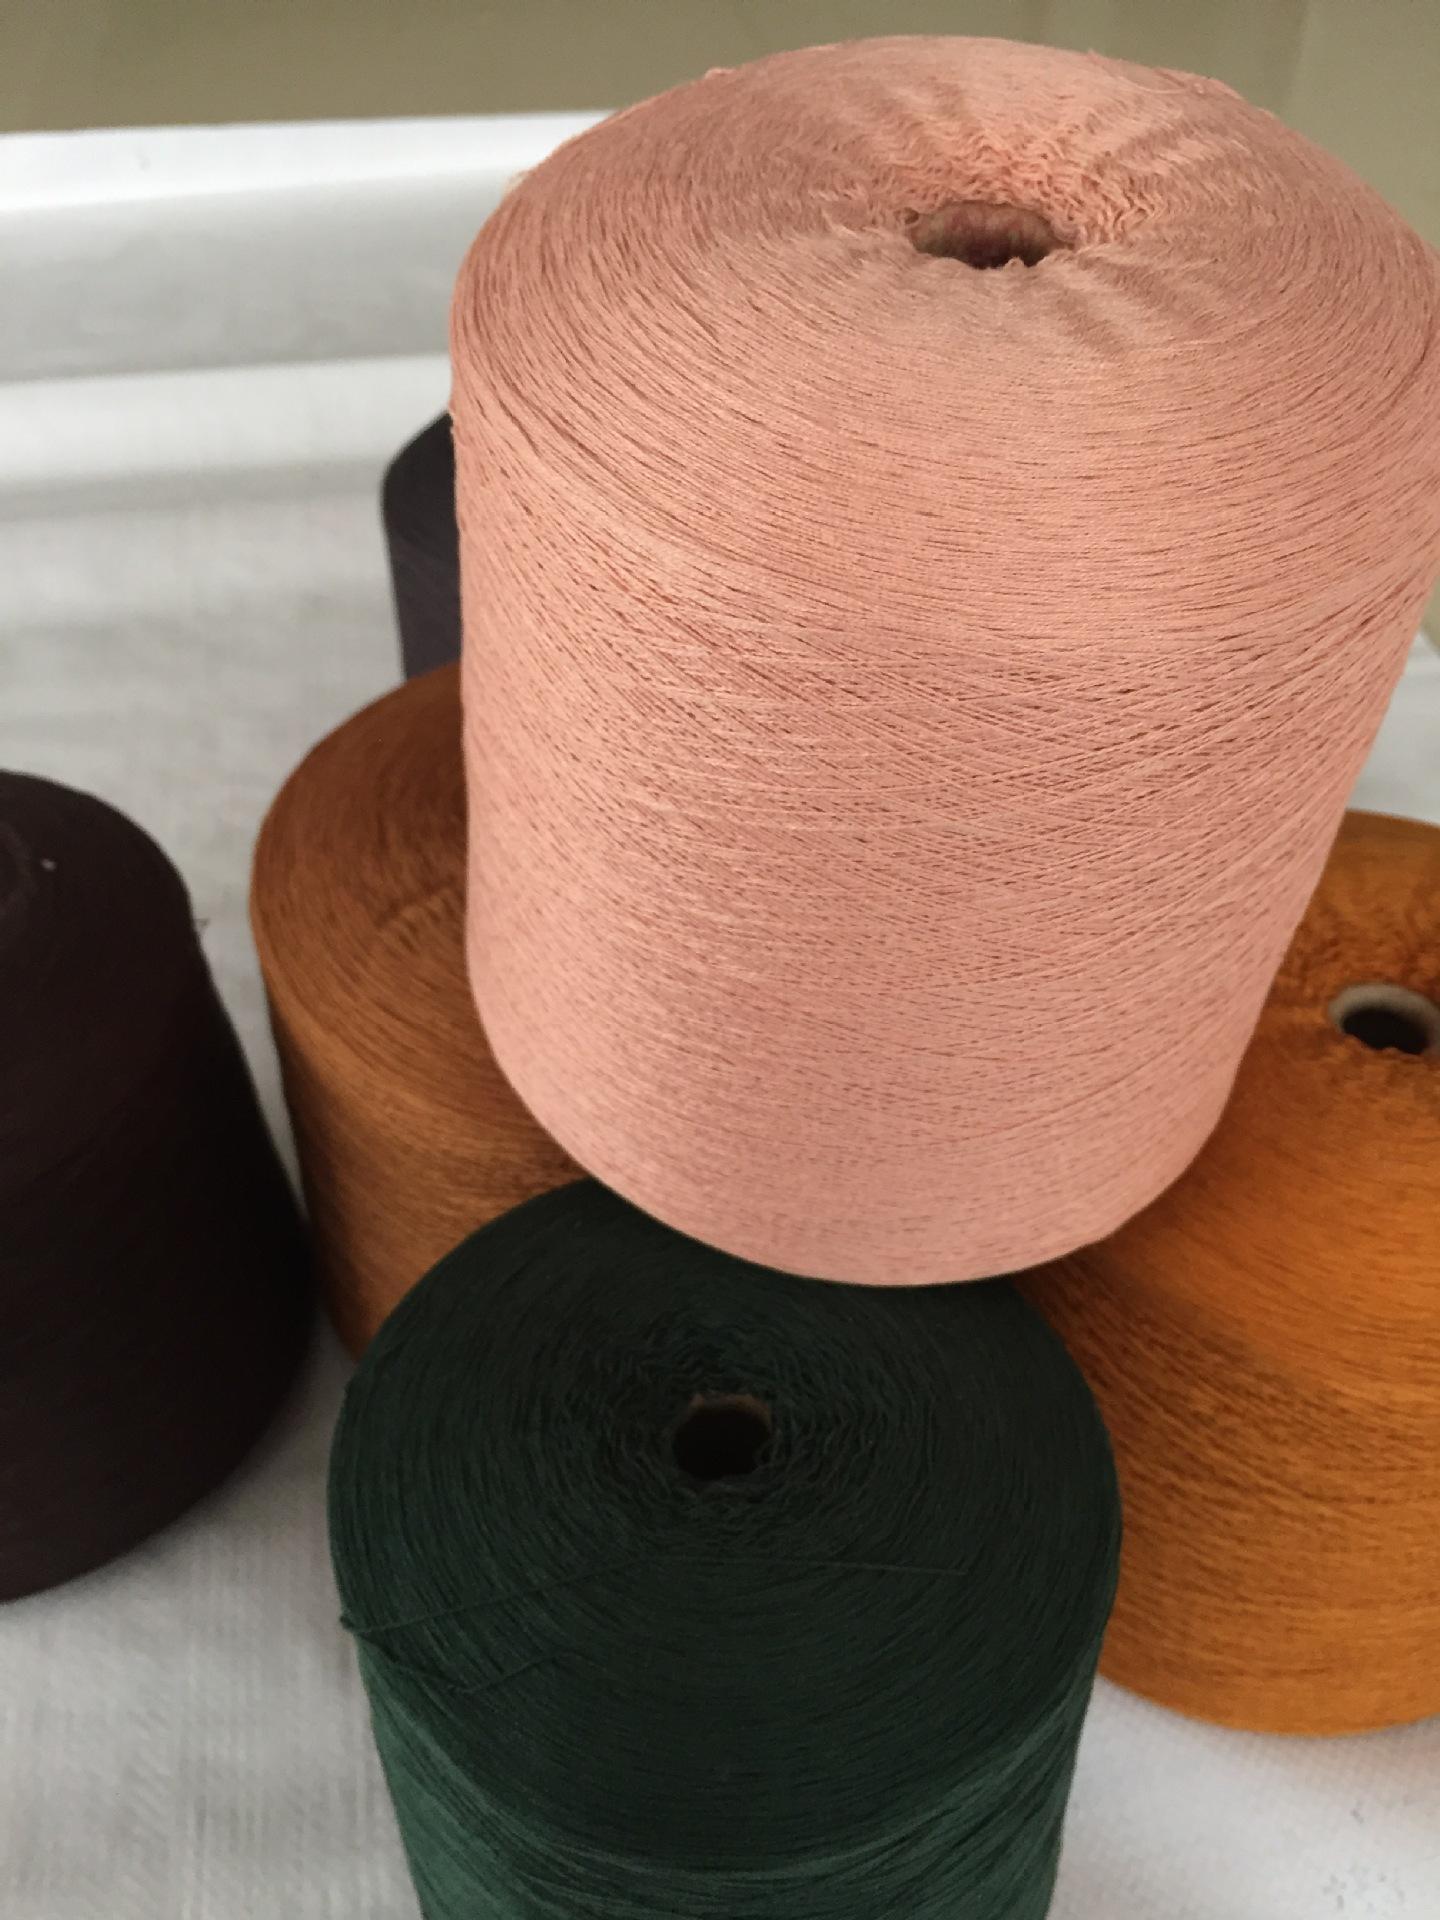 Sợi tơ lụa Chiết Giang Jinyi Yufang 55% lụa 45% cotton 60nm / 260 sợi tơ tằm sợi dệt kim